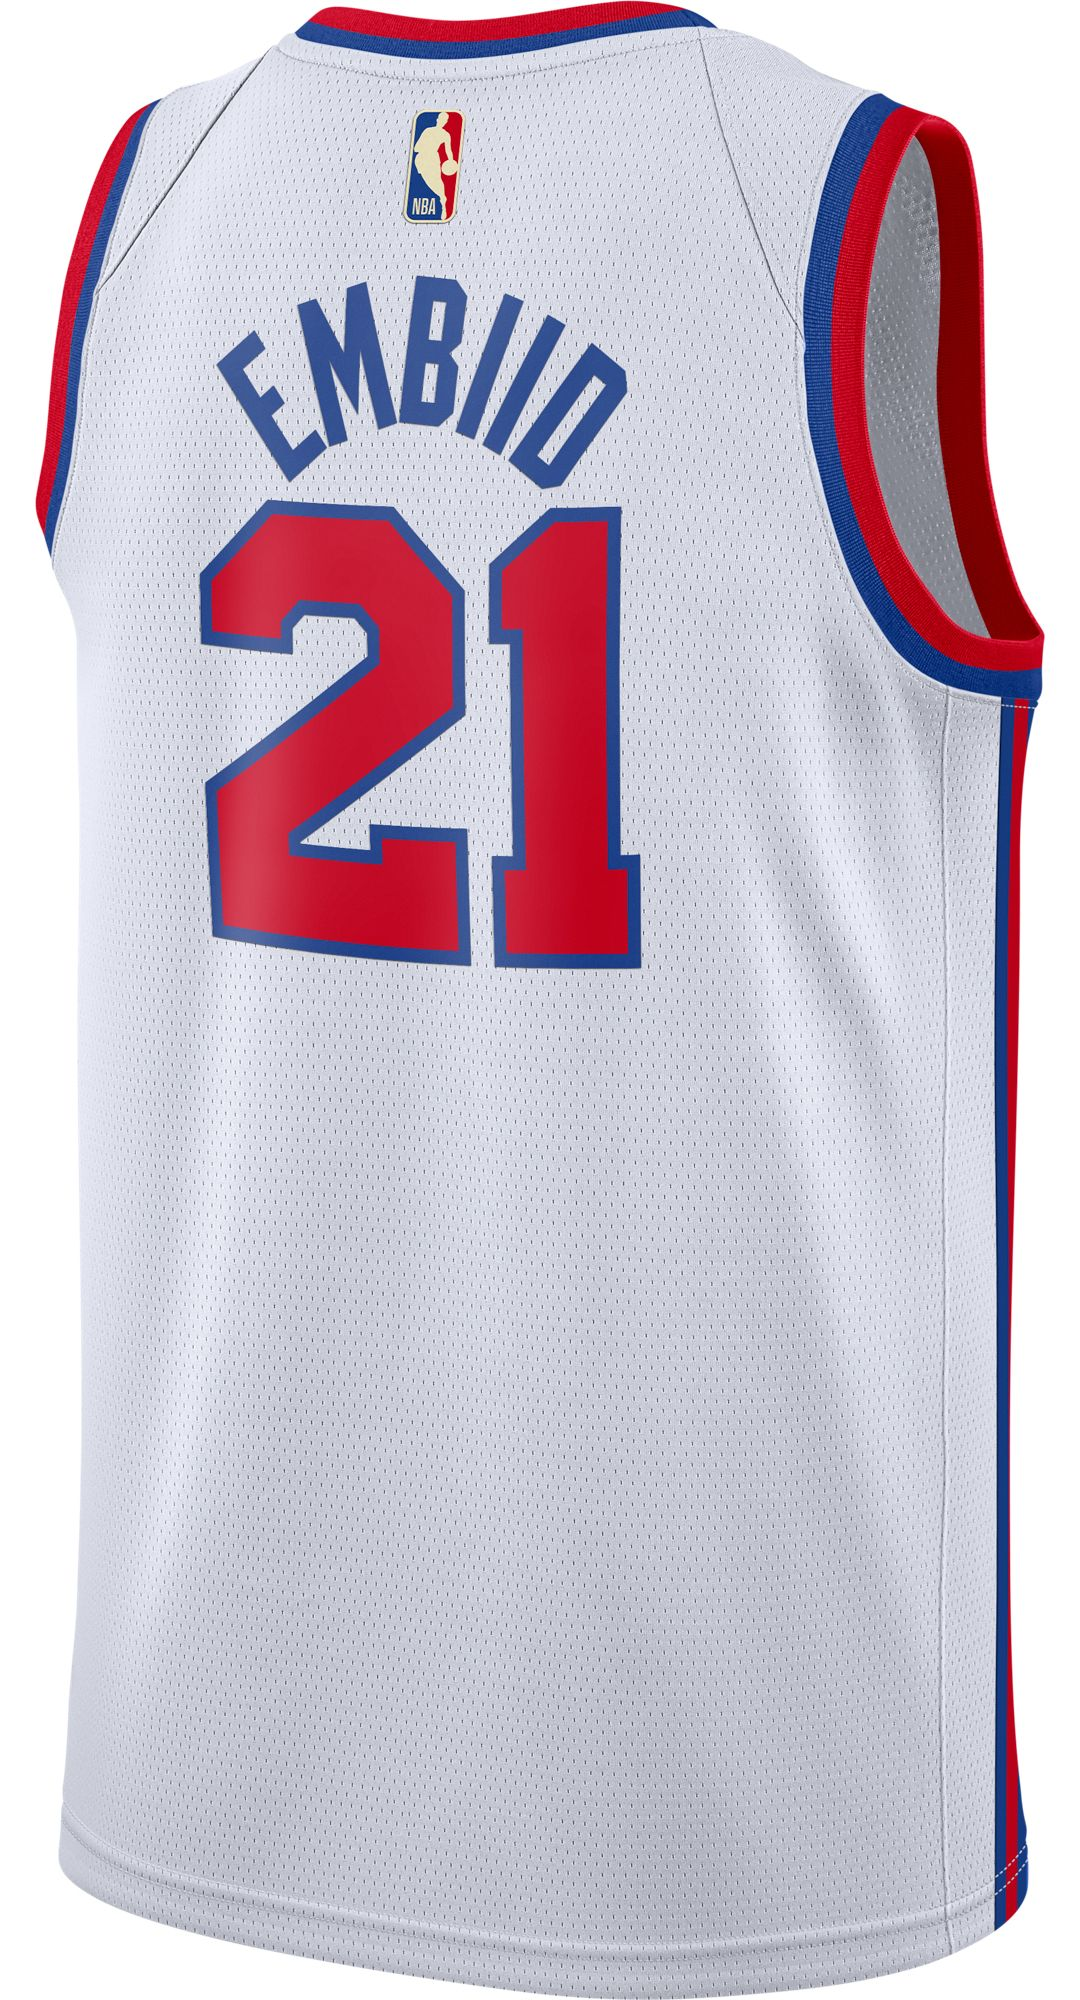 pretty nice 36798 d600a Nike Men's Philadelphia 76ers Joel Embiid #21 Hardwood Classic Dri-FIT  Swingman Jersey